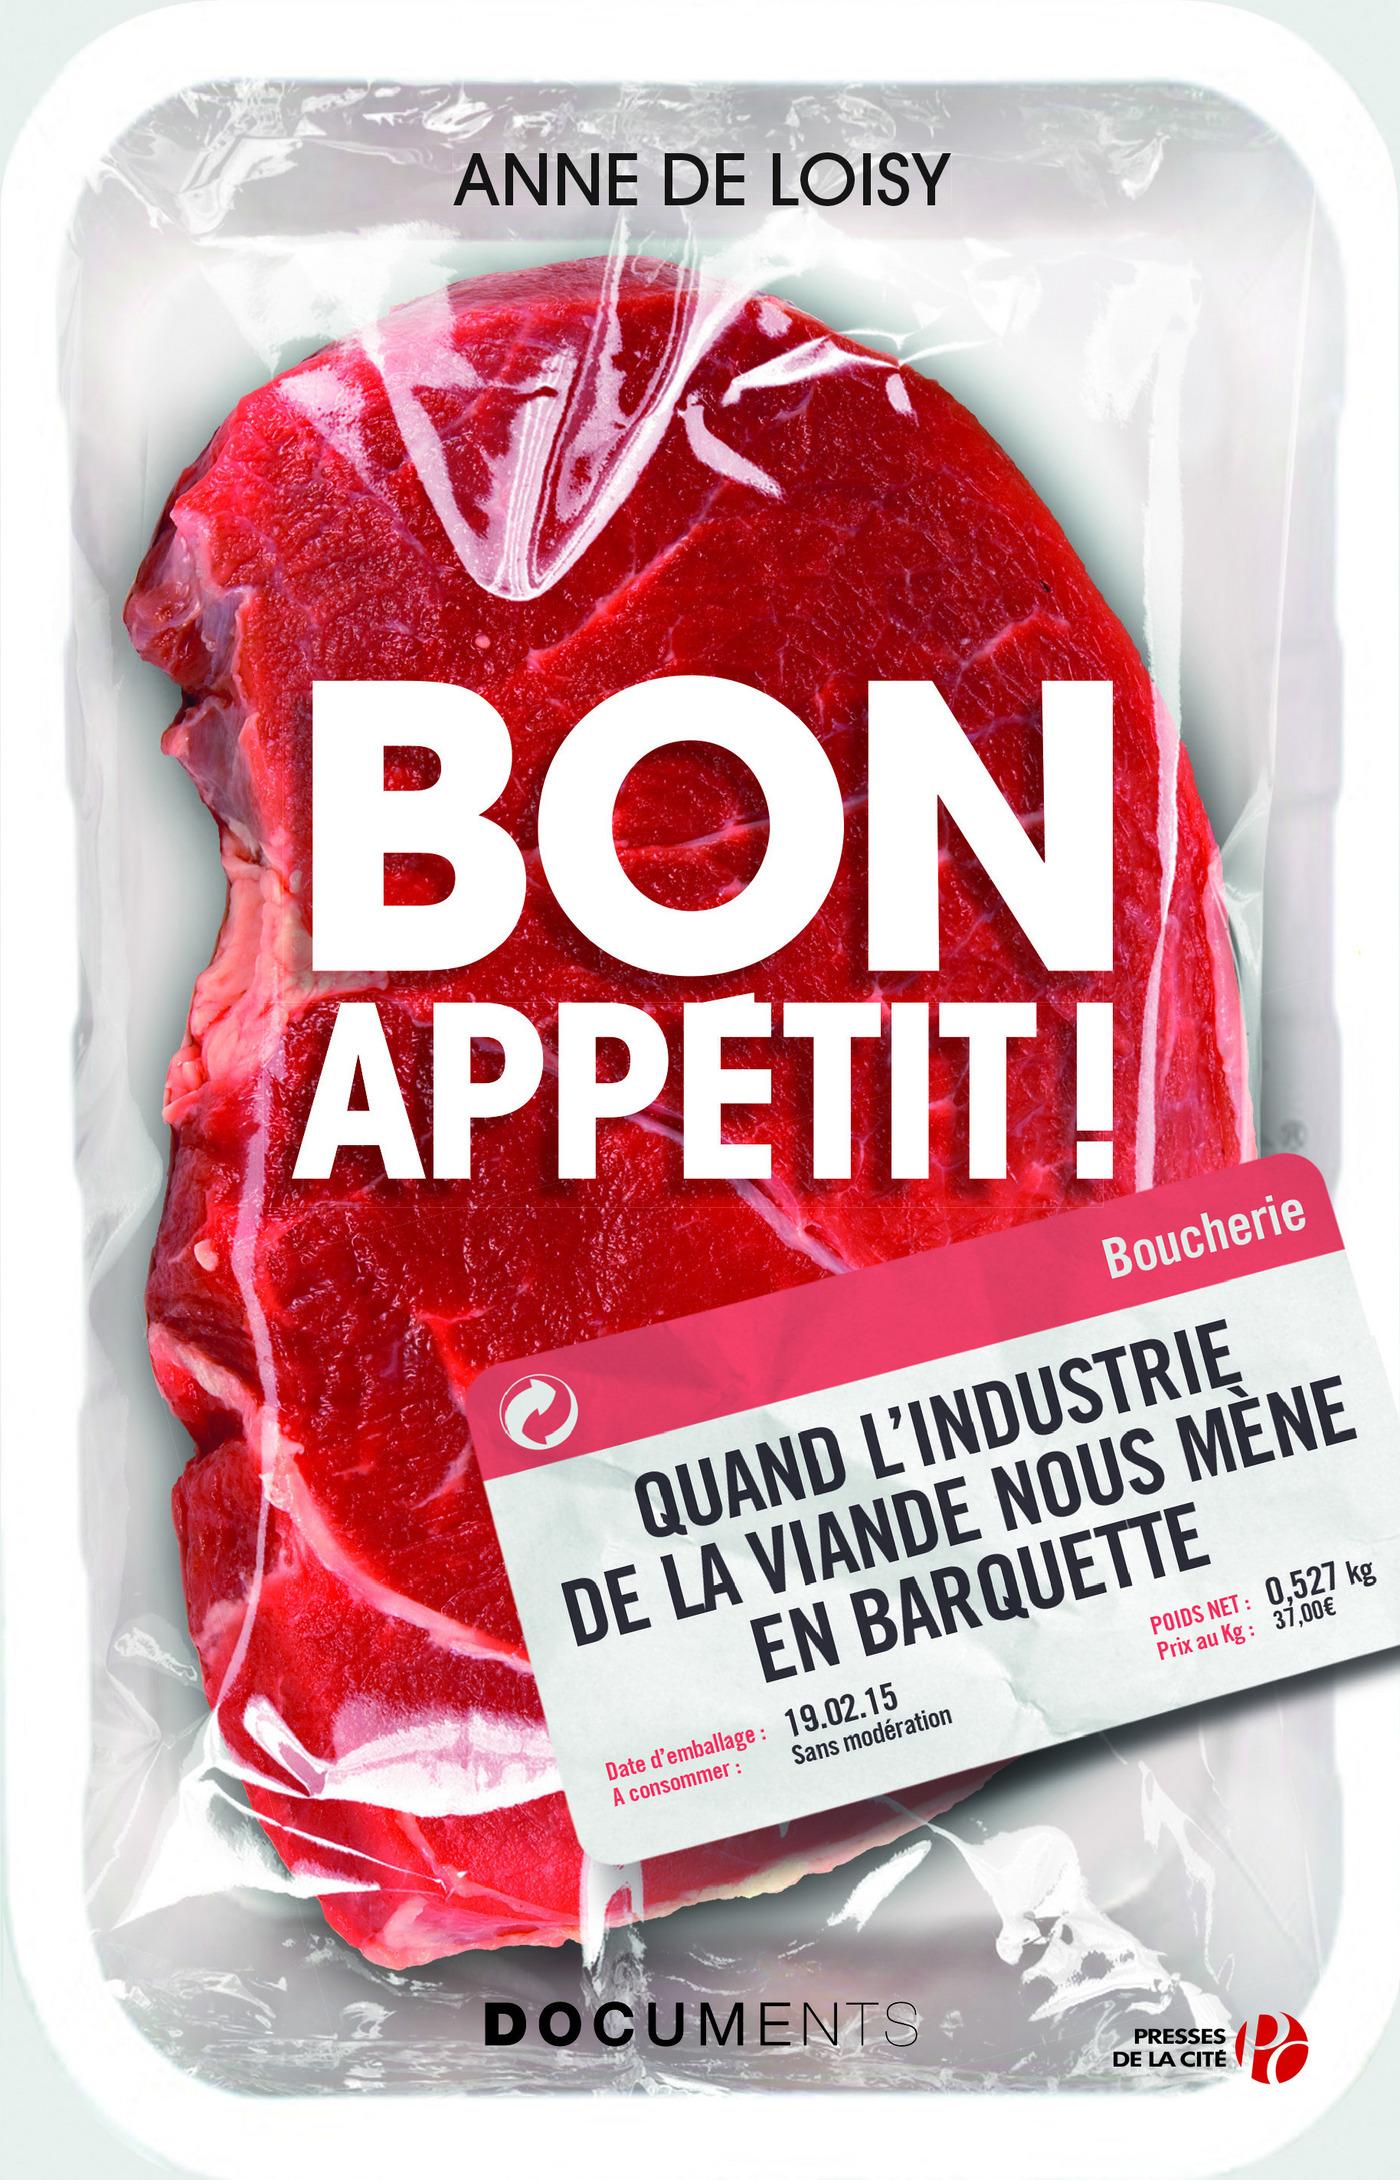 Couverture : Bon appetit! -comm.industriels.. viande.. Anne De Loisy